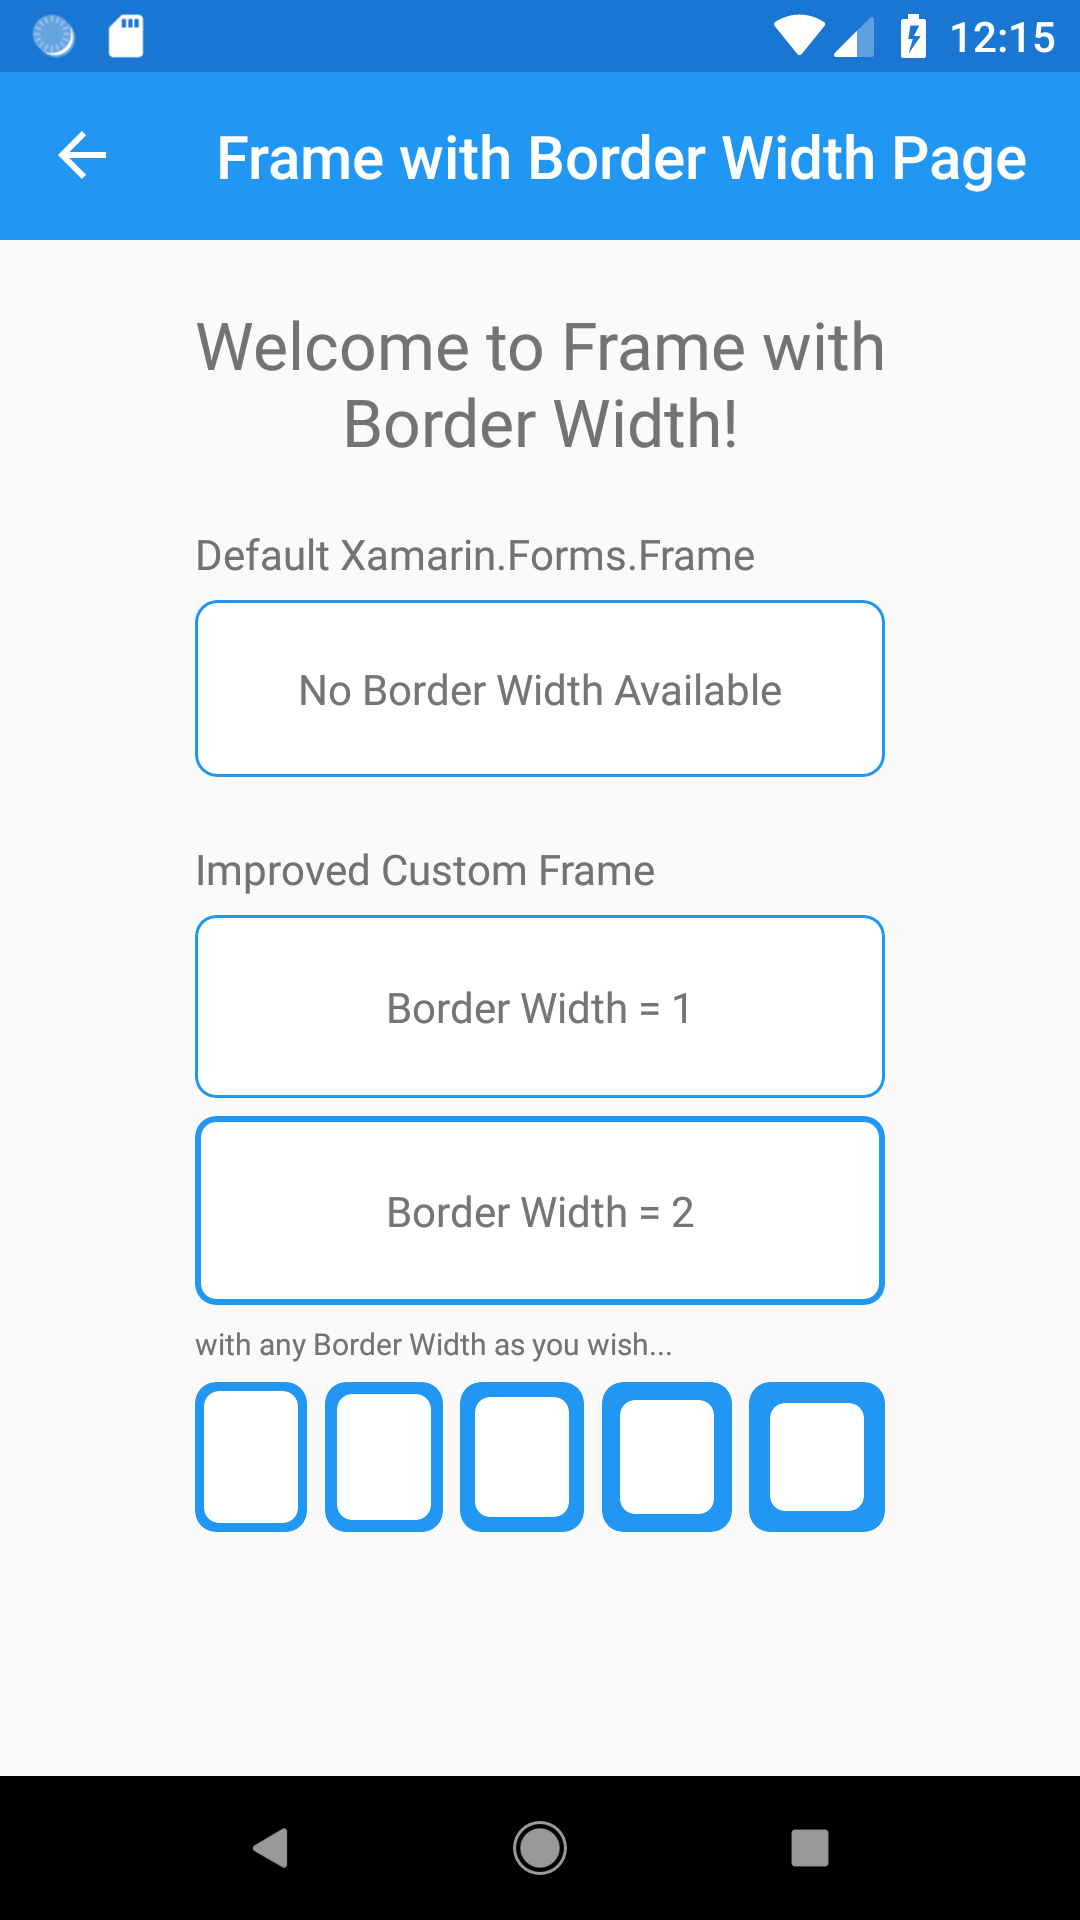 XFHACKS-007 Frame with a Border Width! | ÇøŋfuzëÐ SøurcëÇødë